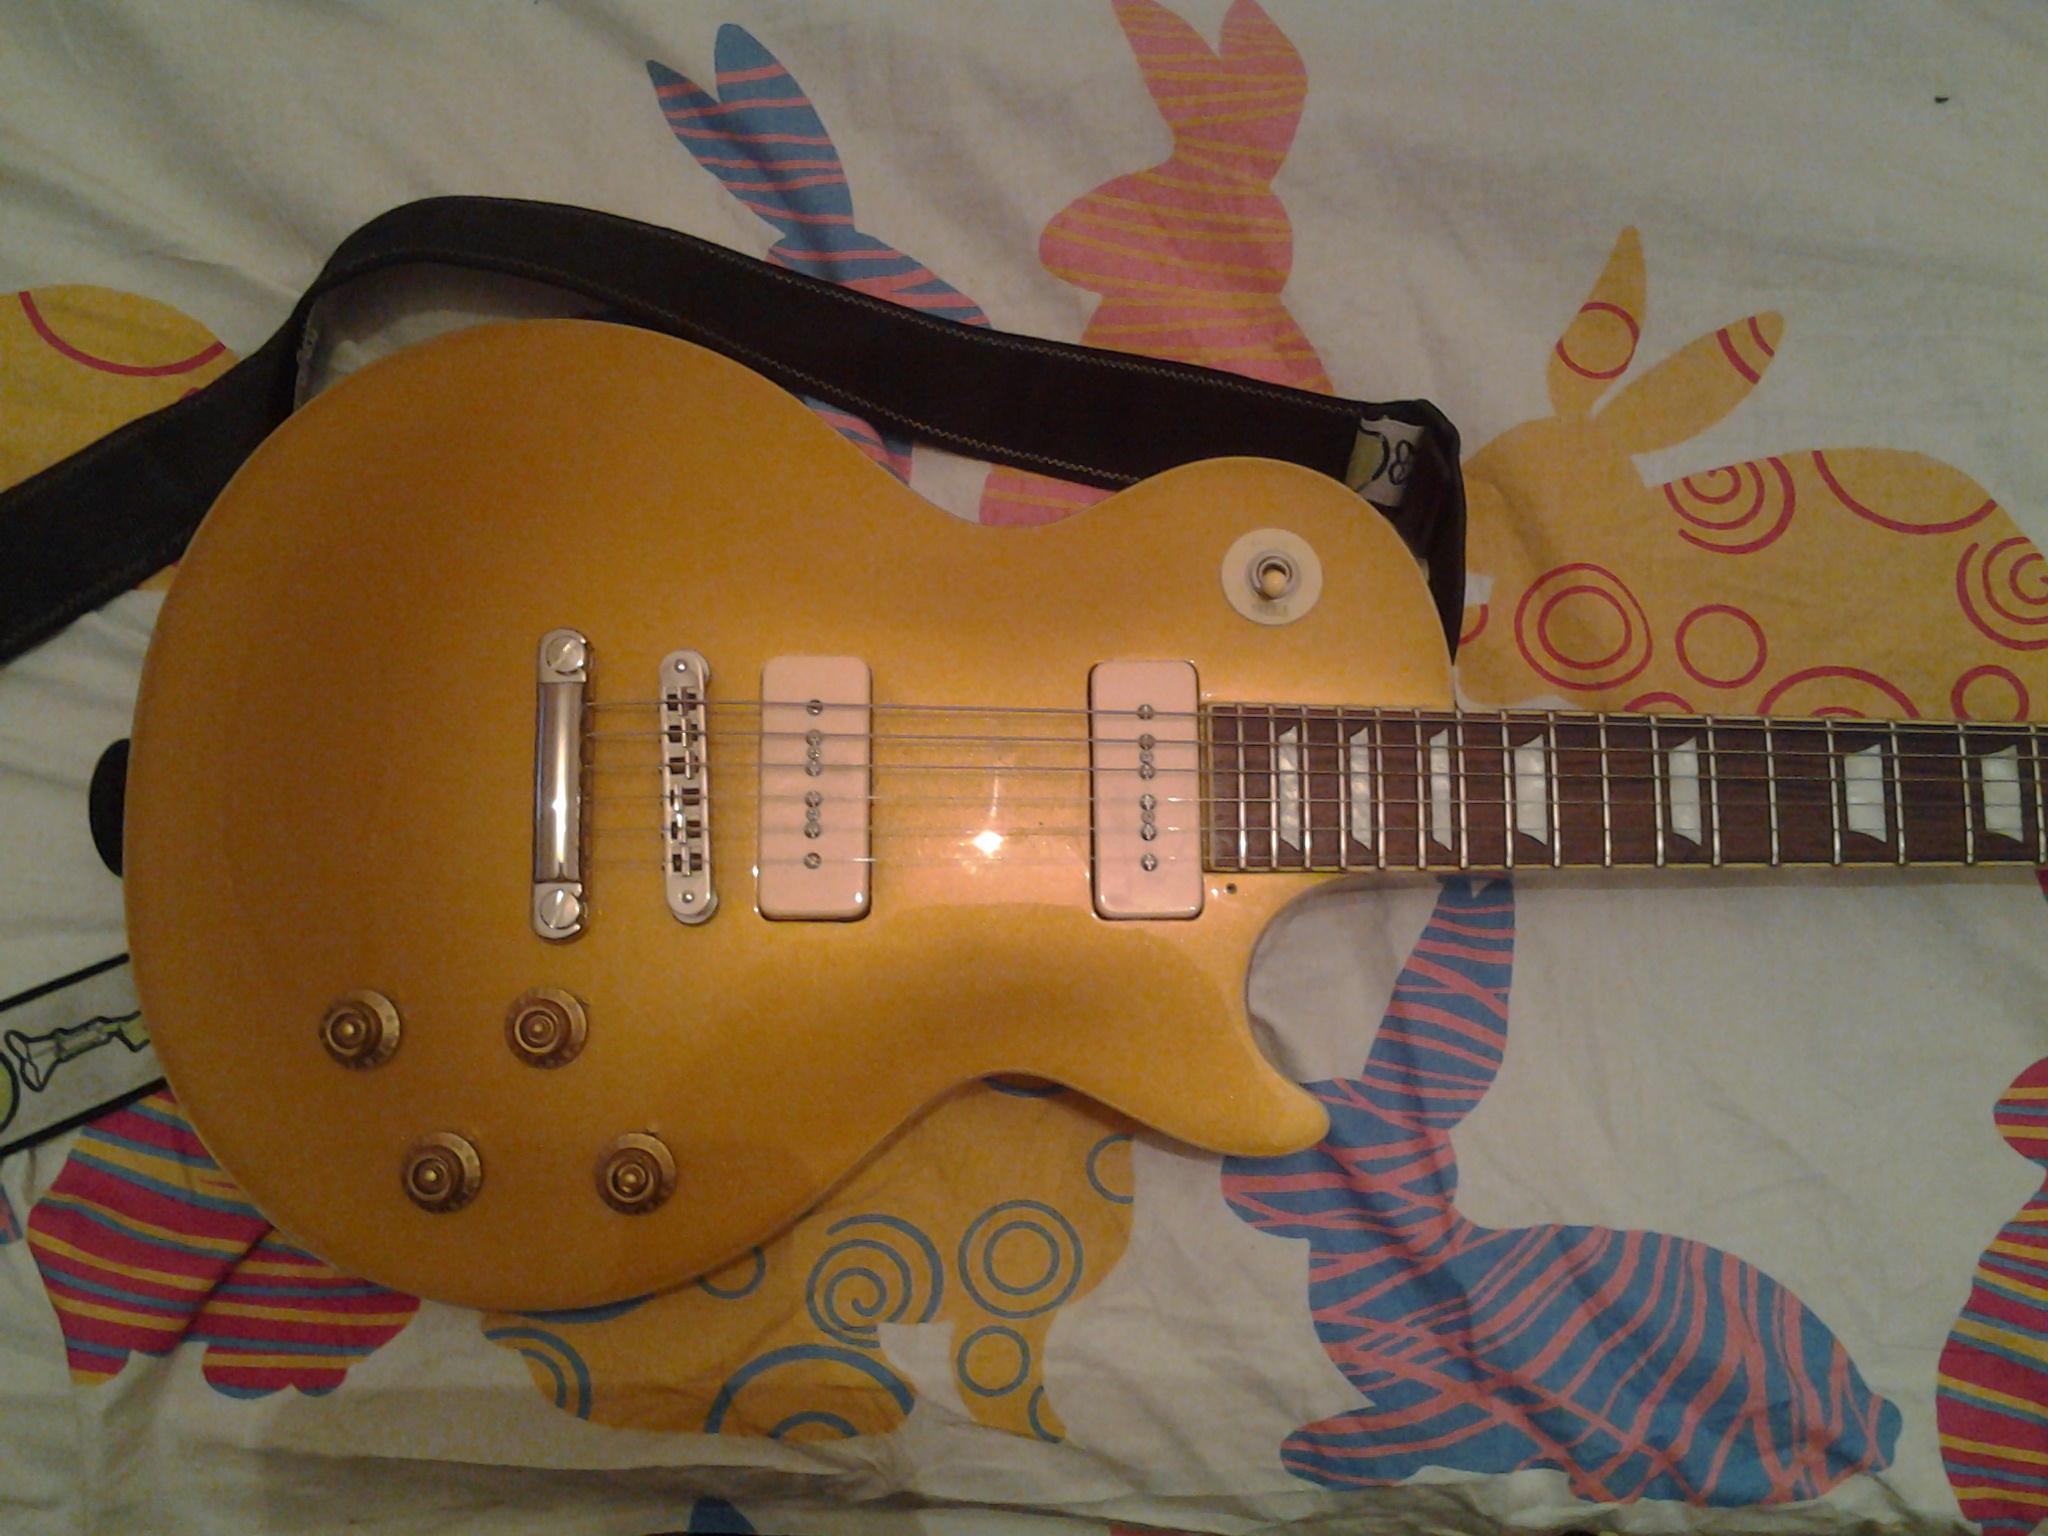 Чехол для гитары - Своими руками 684